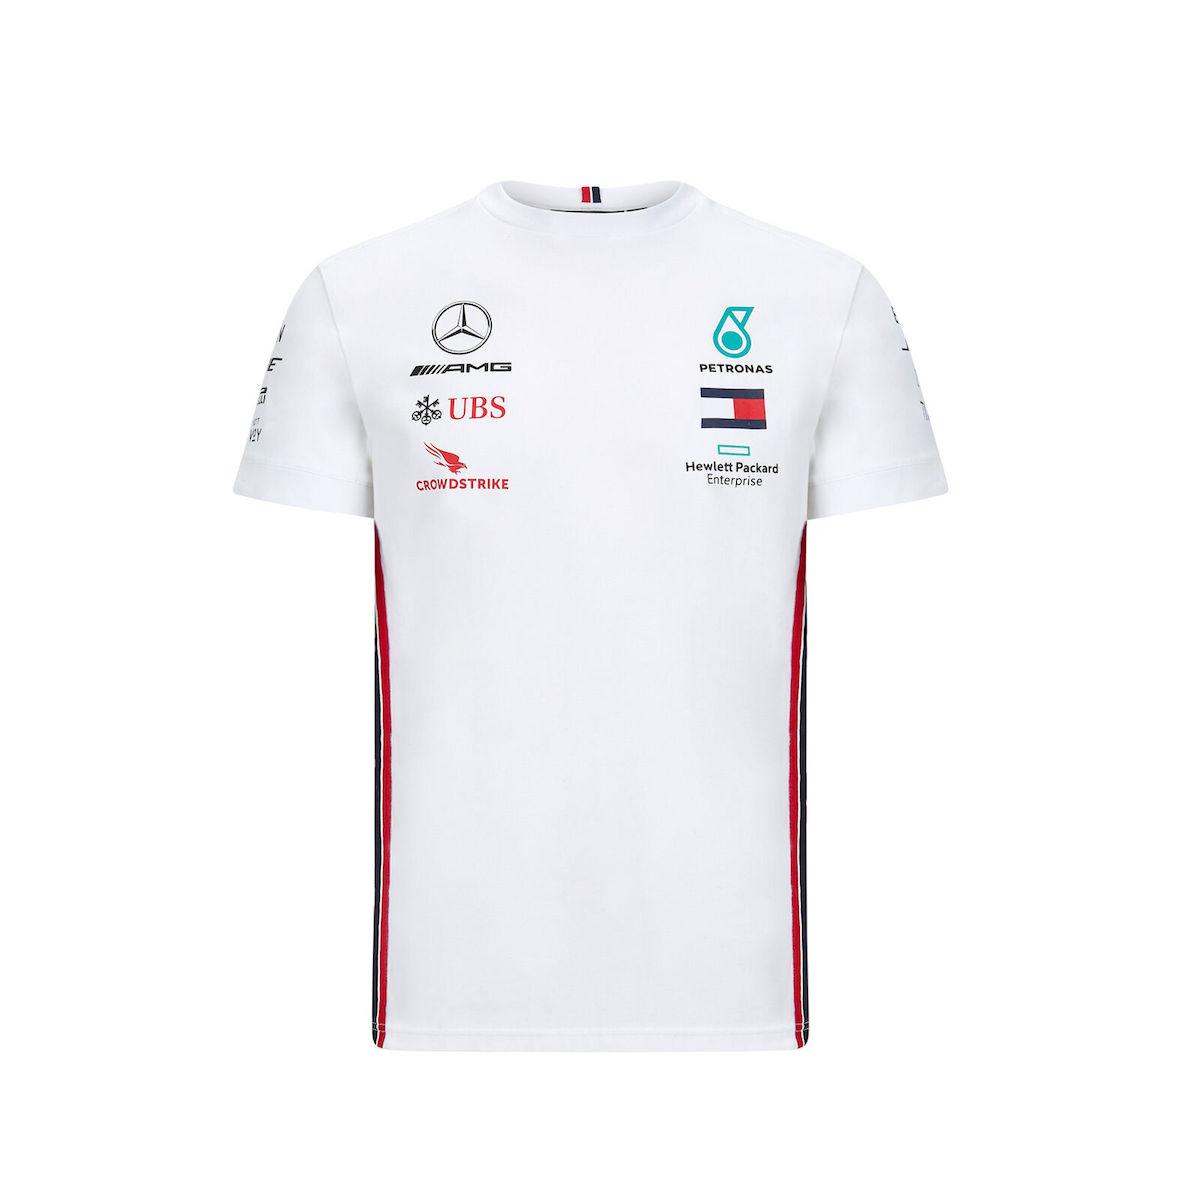 ★送料無料★ Mercedes-AMG F1 Official Team Tee Lewis Hamilton ベンツ オフィシャル ルイス・ハミルトン Tシャツ 半袖 ホワイト